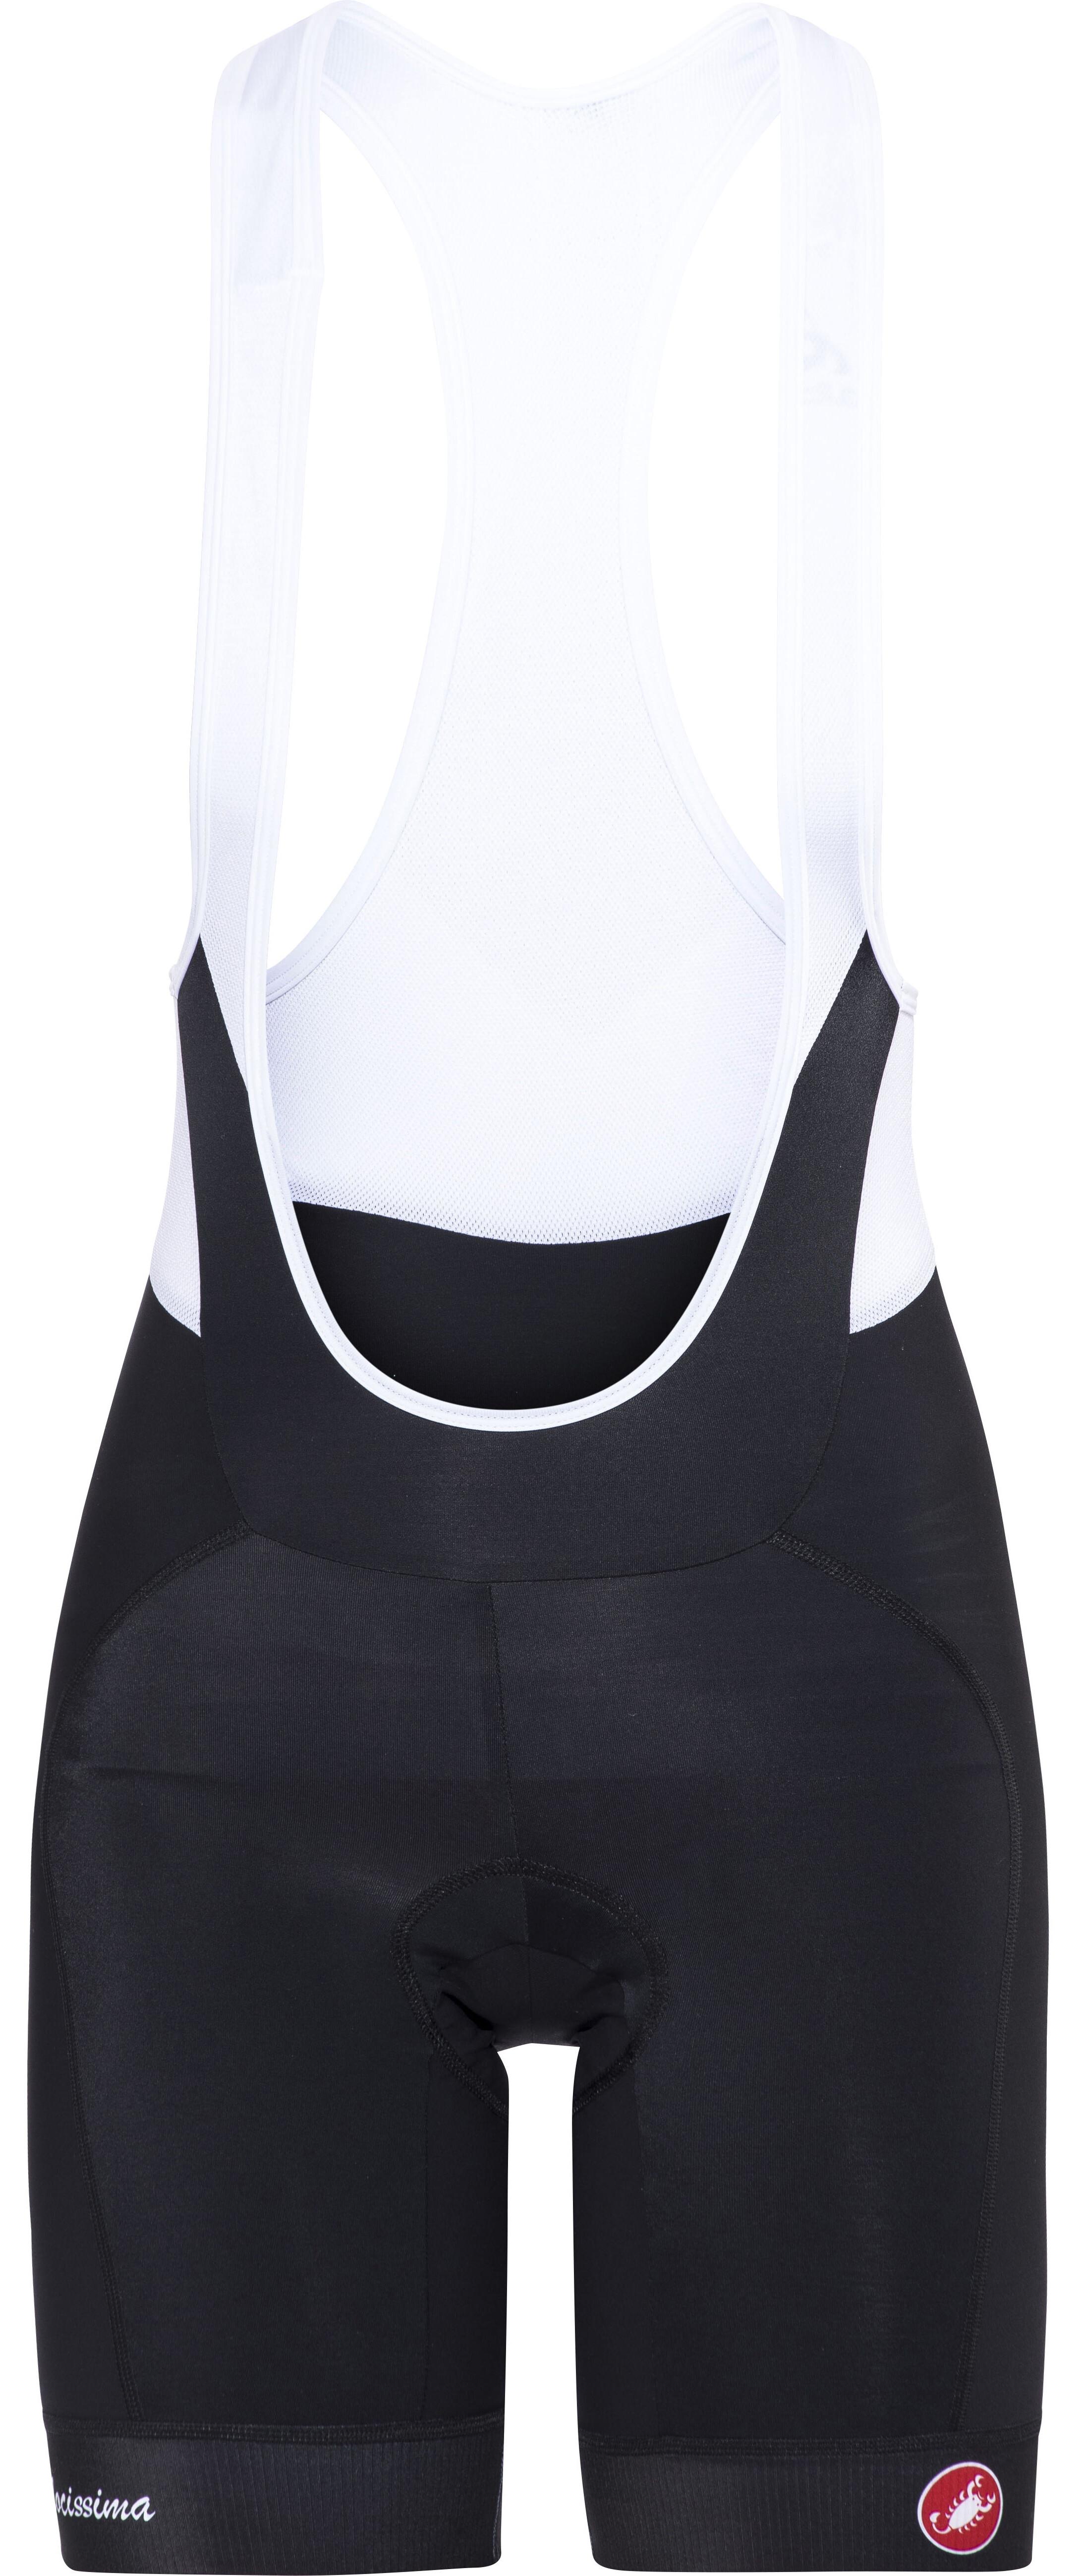 f6c774b0d169f Castelli Velocissima - Cuissard à bretelles Femme - noir - Boutique ...